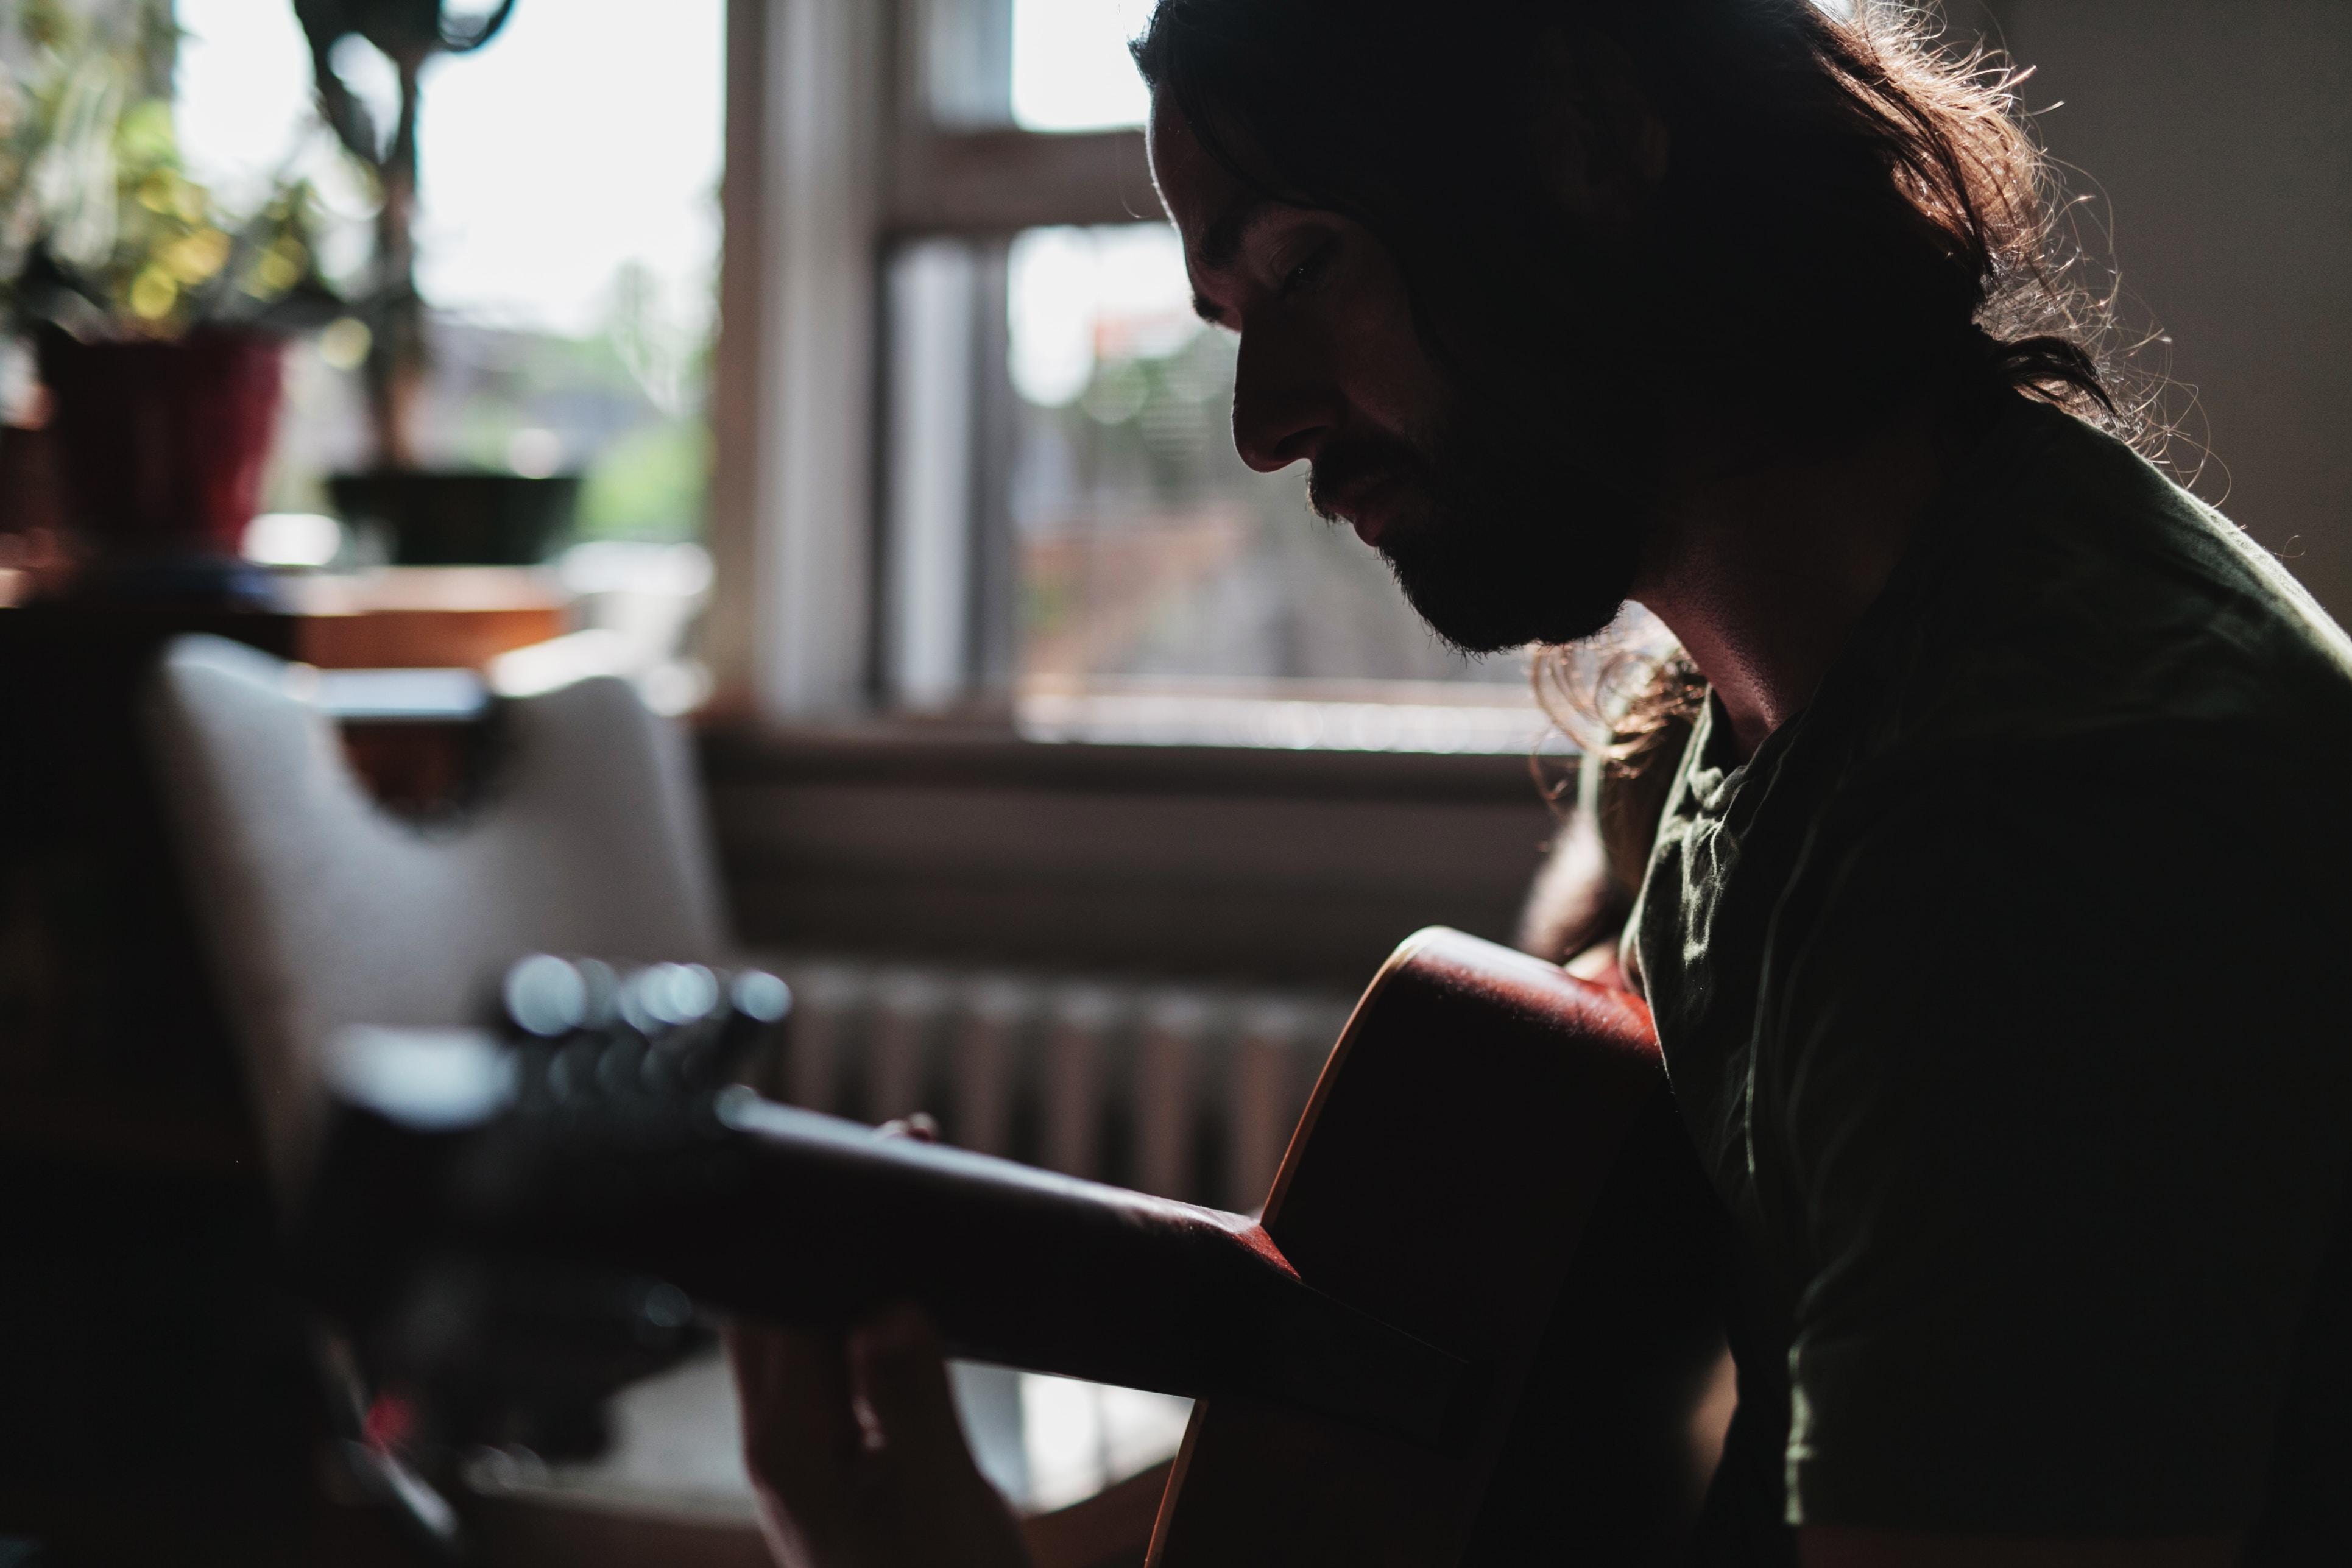 closeup photo of a man playing guitar